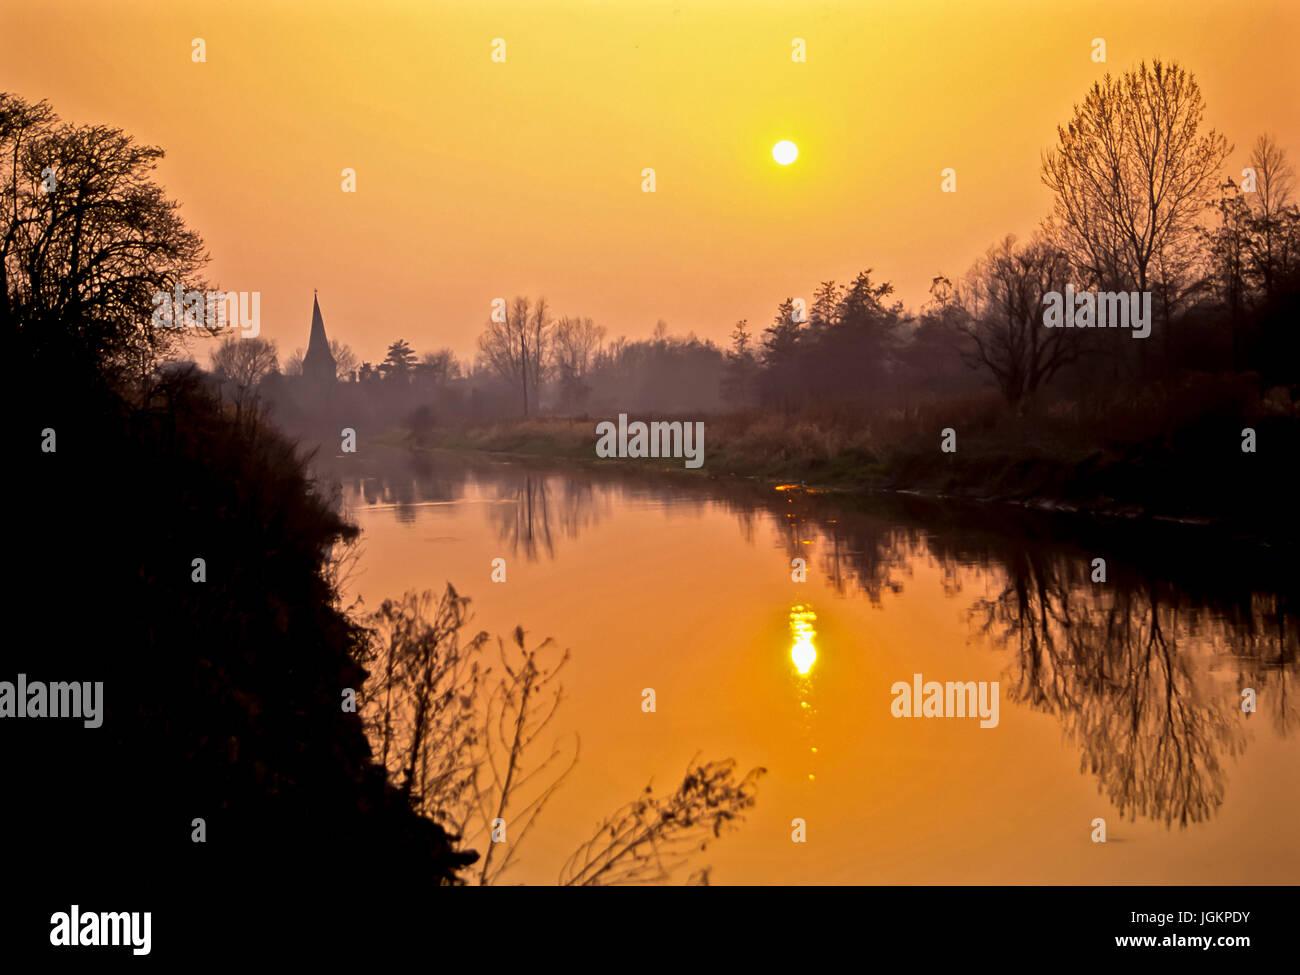 RS 0480. Sfondi; colori; colori; visualizzazione; tramonto Fordwich & R Stour, Kent, Regno Unito (soft focus) Immagini Stock